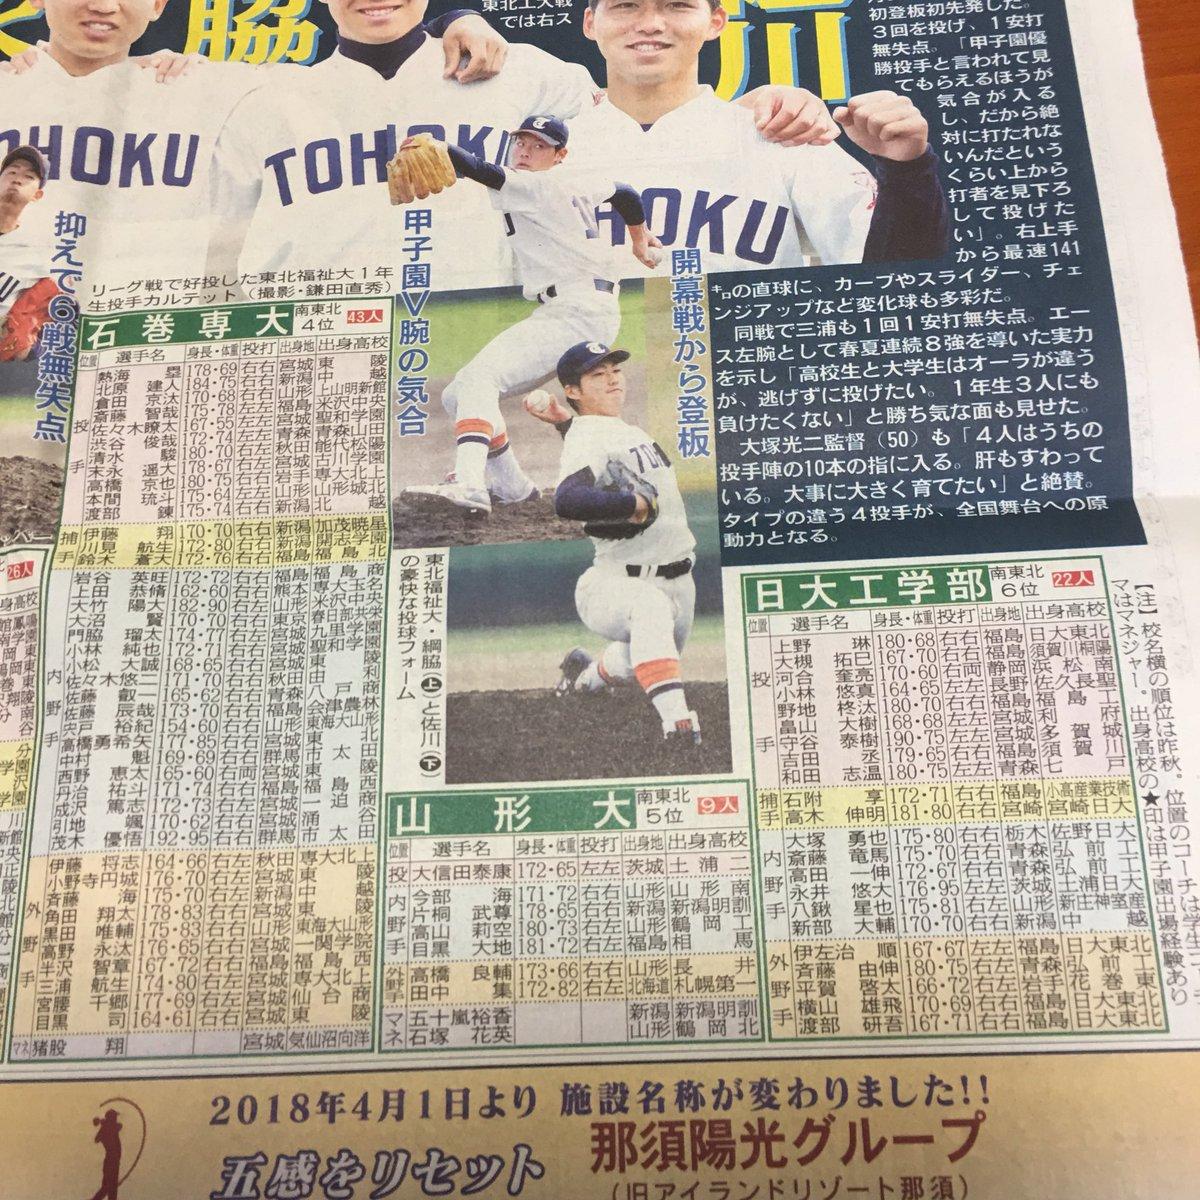 新入生紹介#12 | 東北福祉大学ソフトボール部